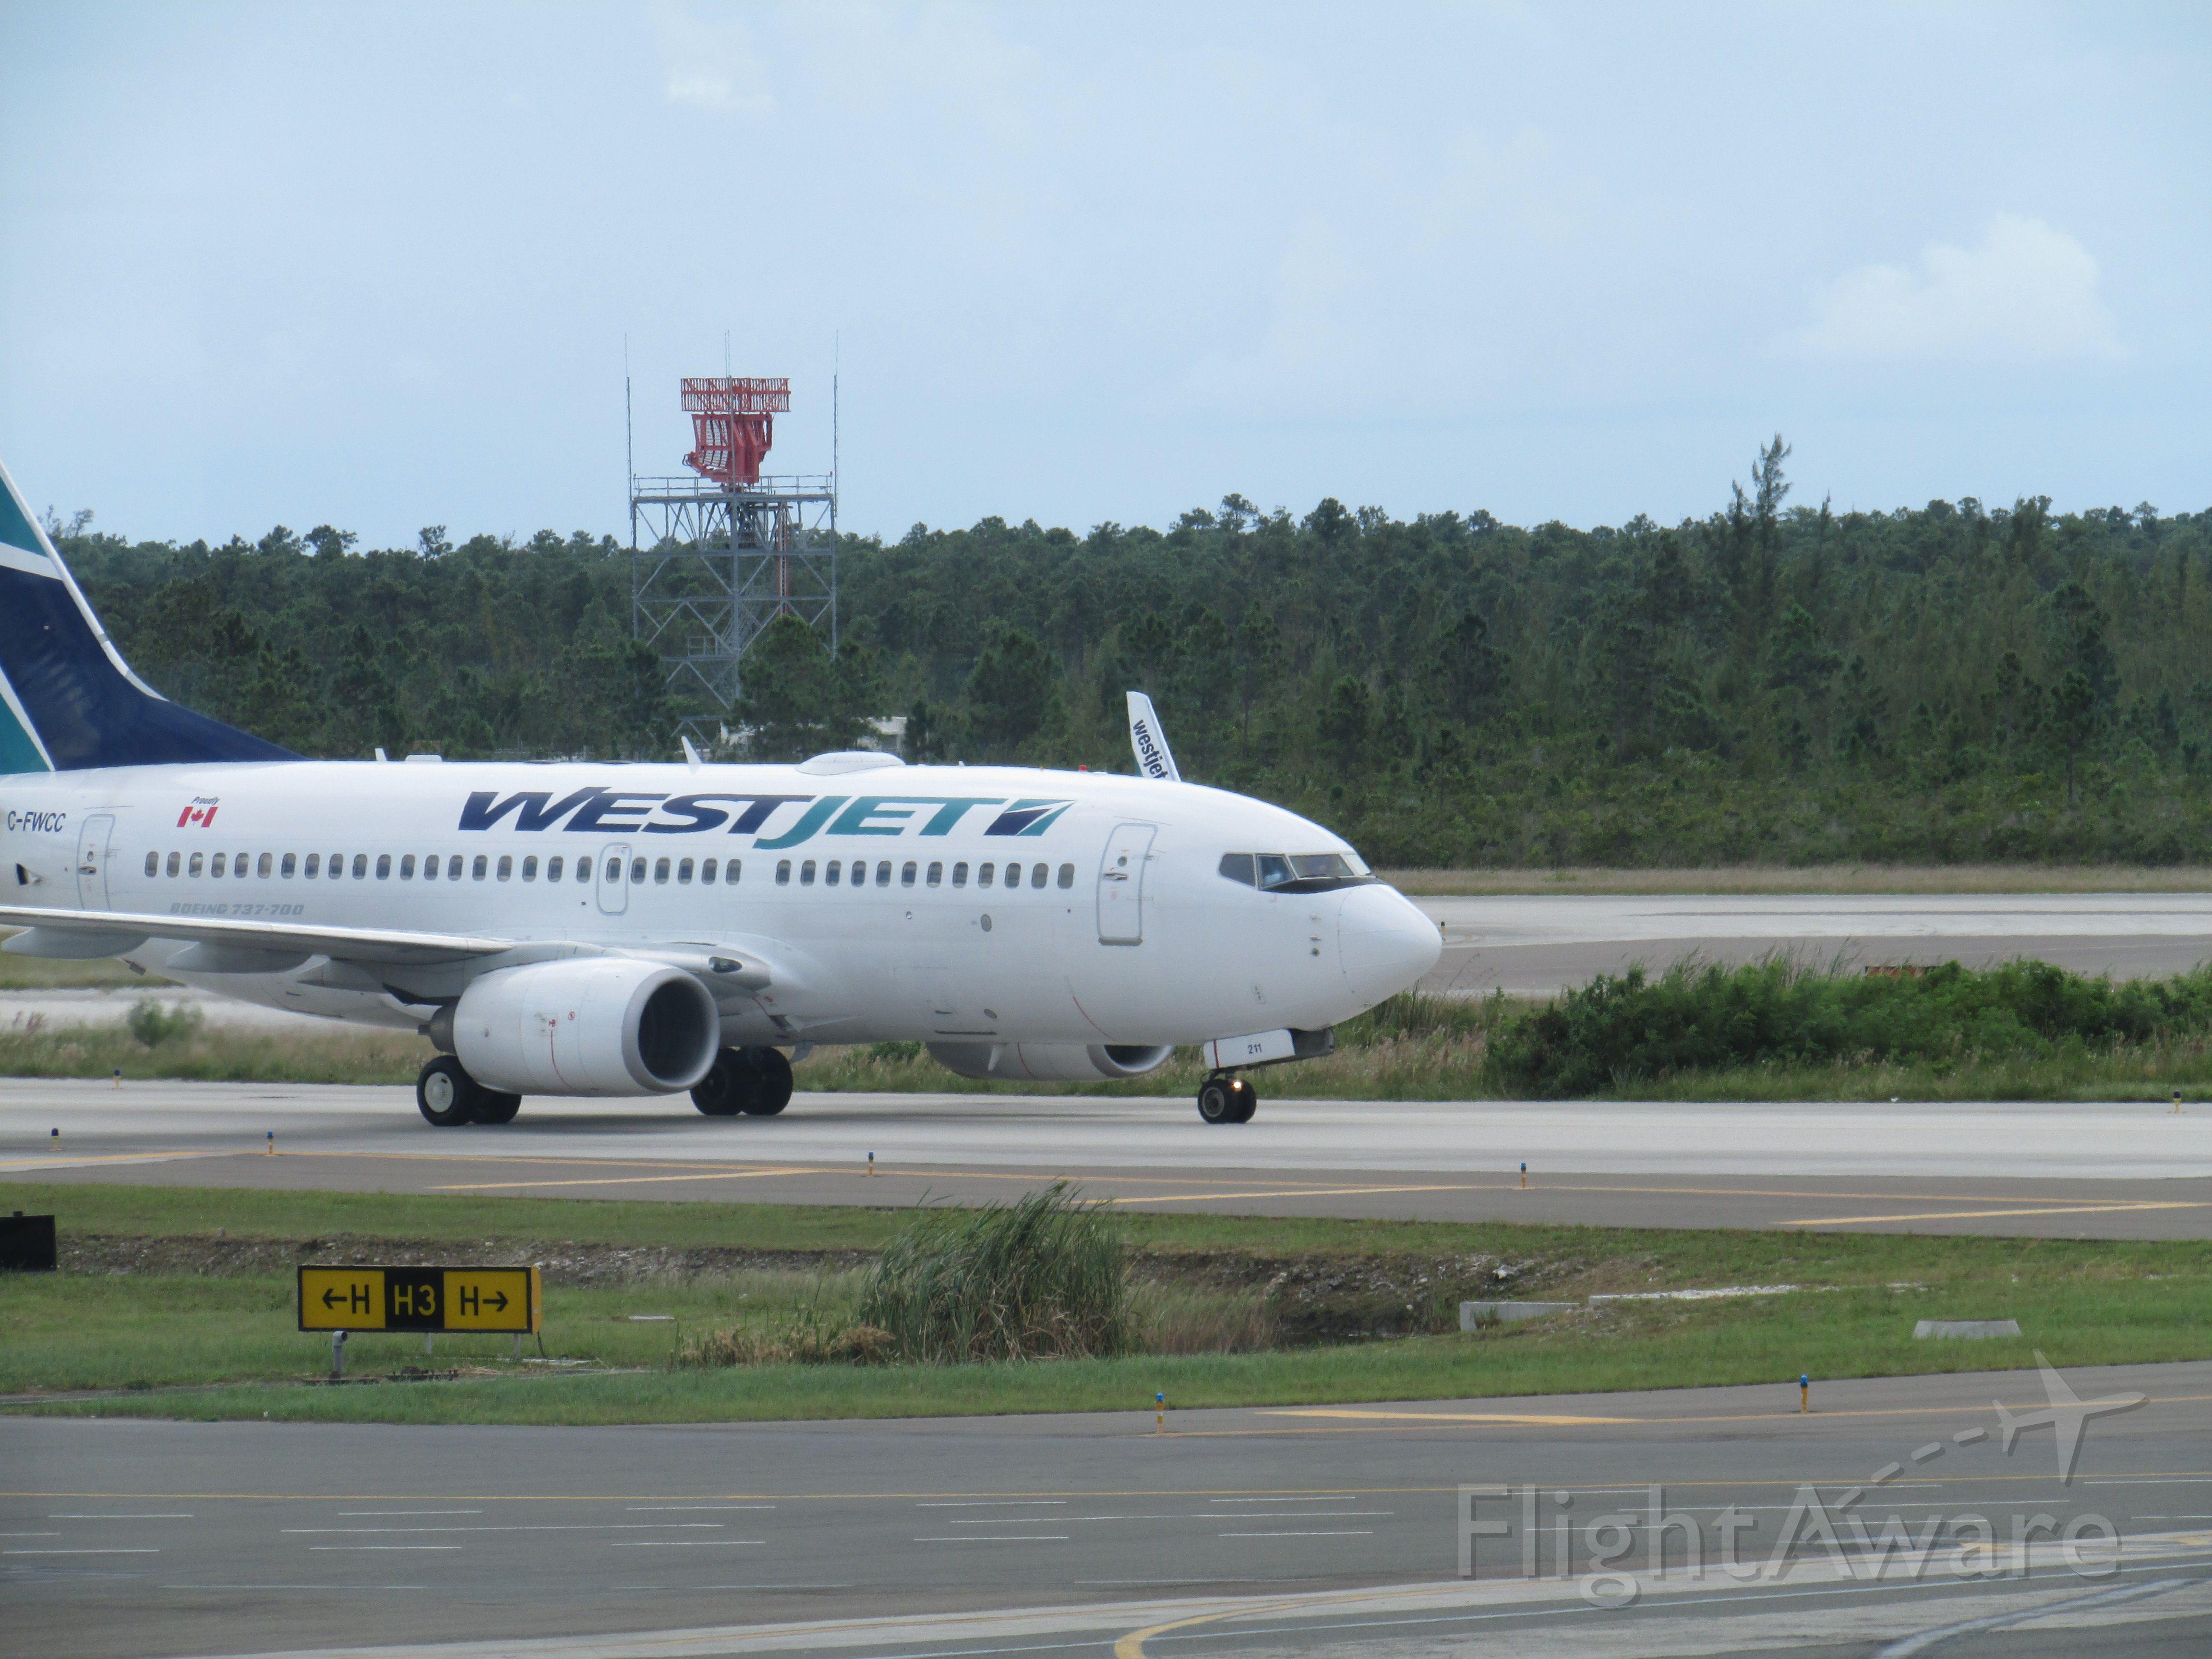 Boeing 737-800 (C-FWCC)